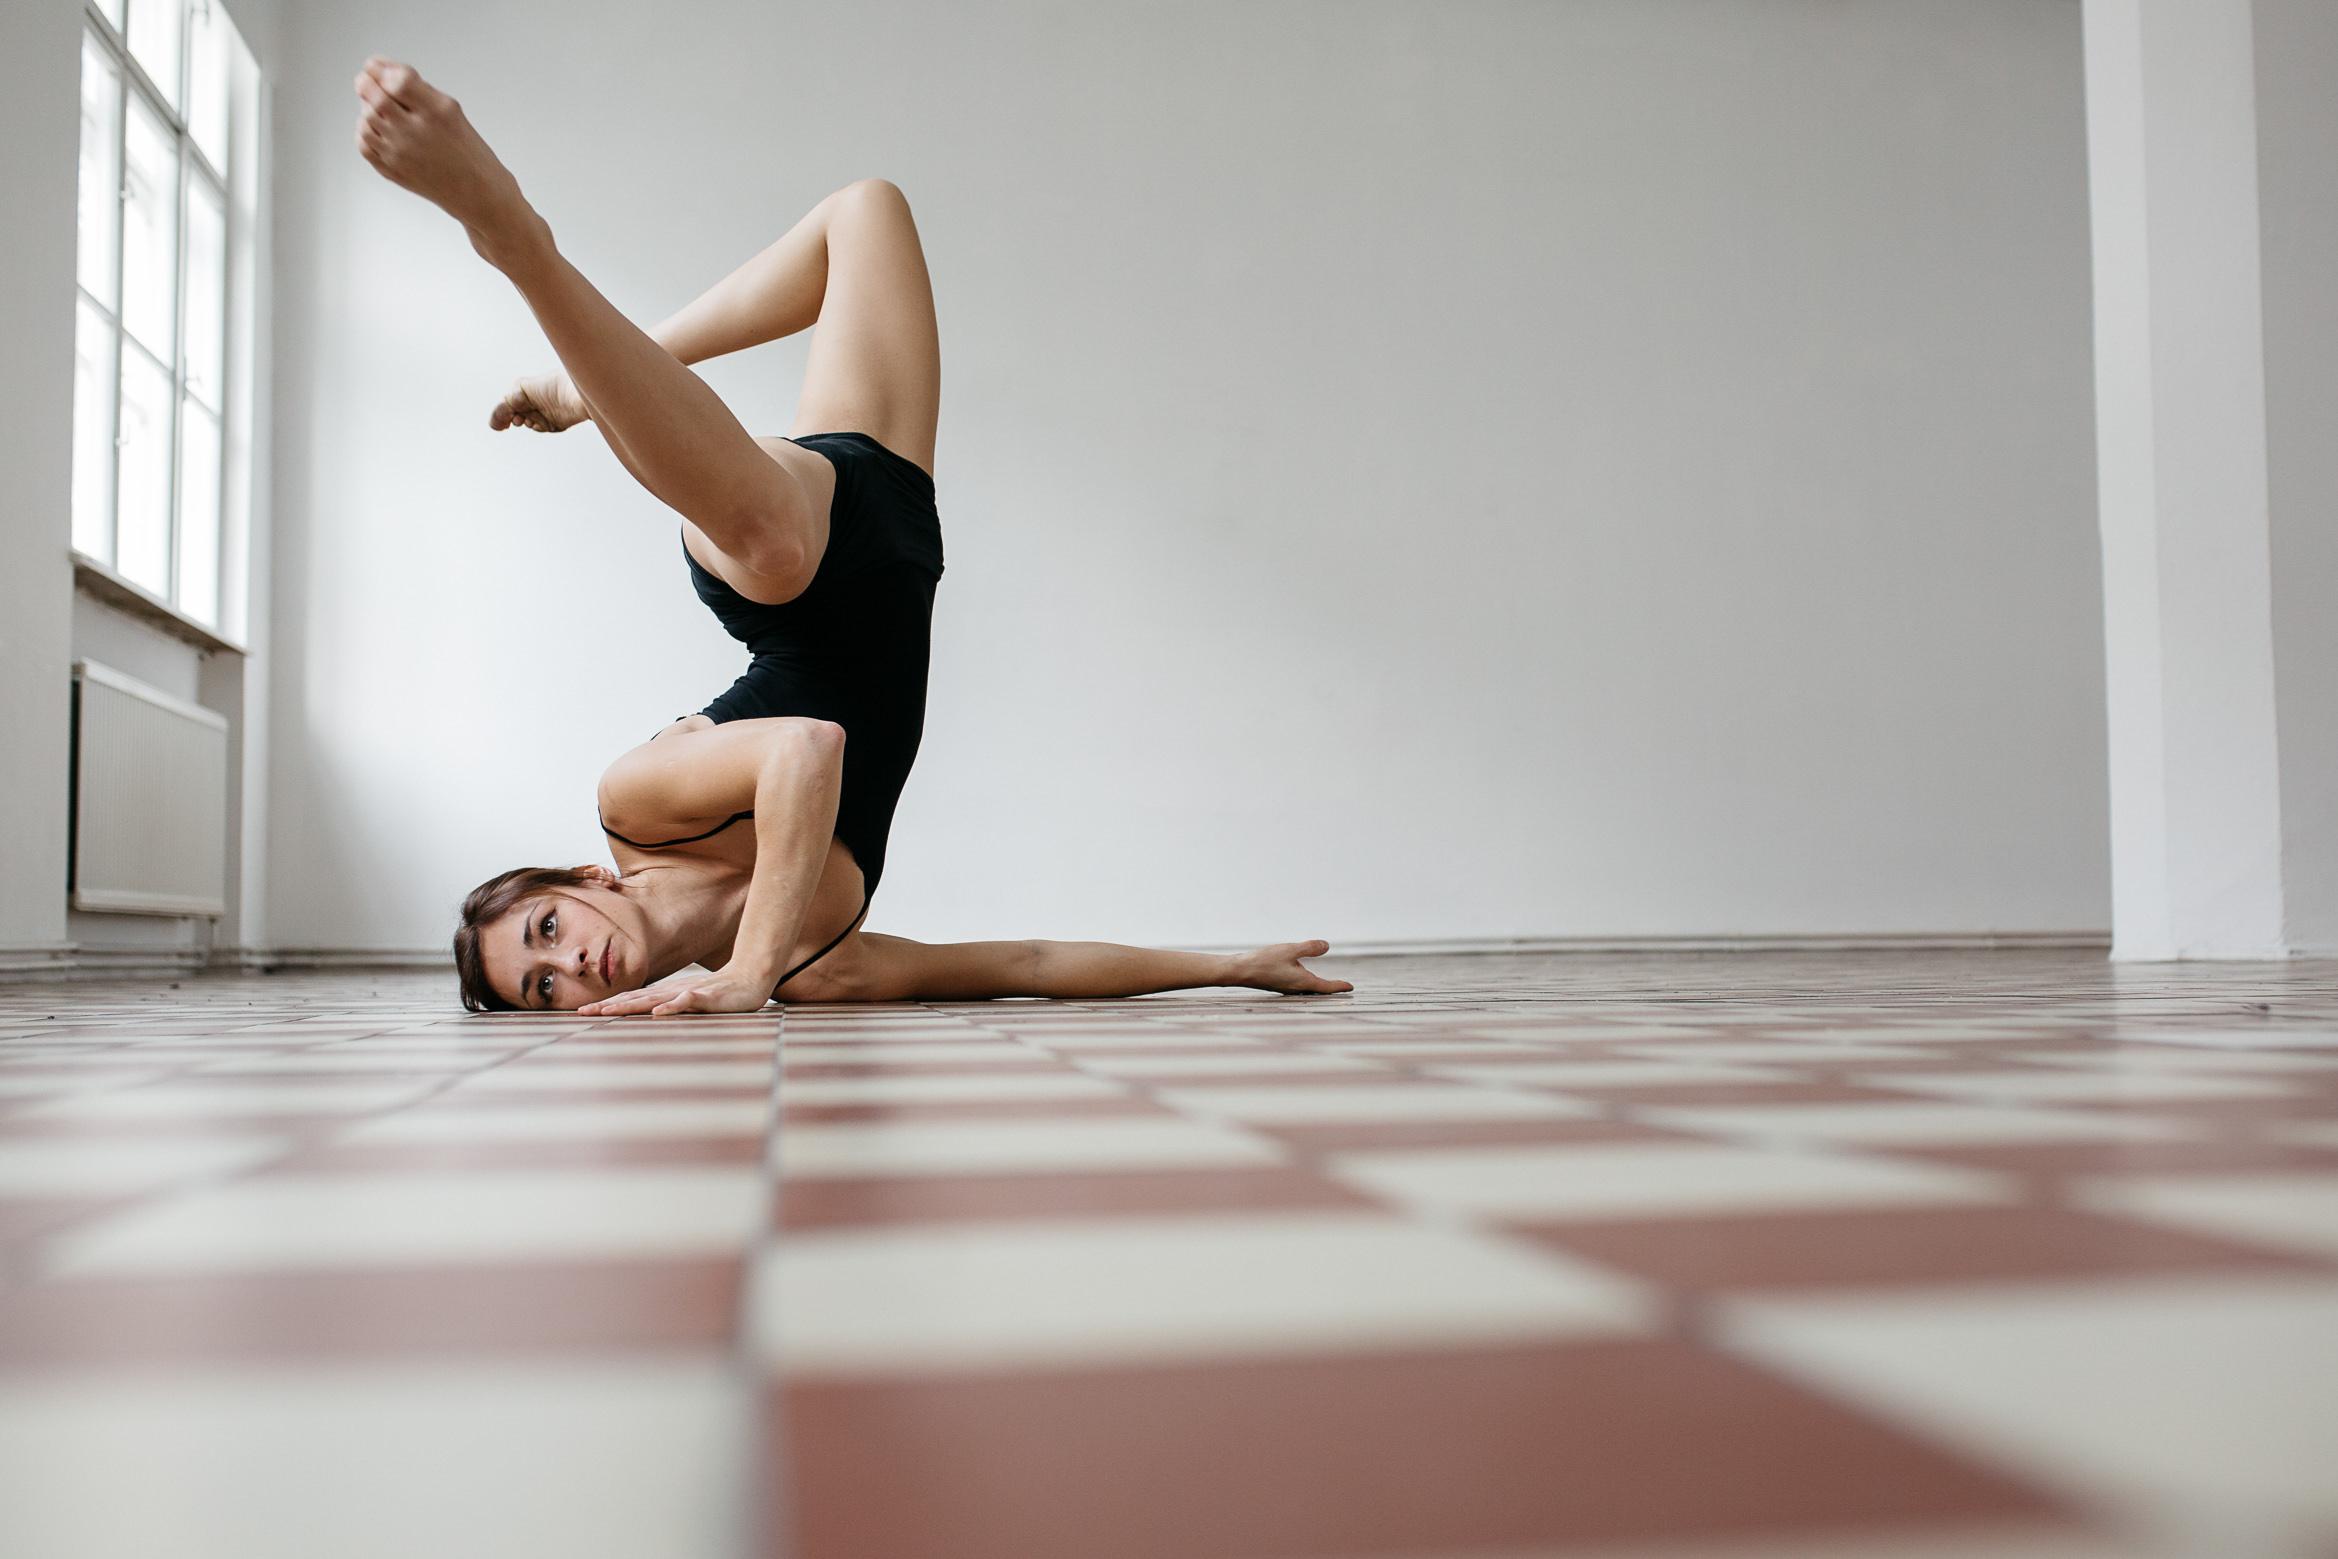 dancer artist portraits_künstlerporträt-10.jpg